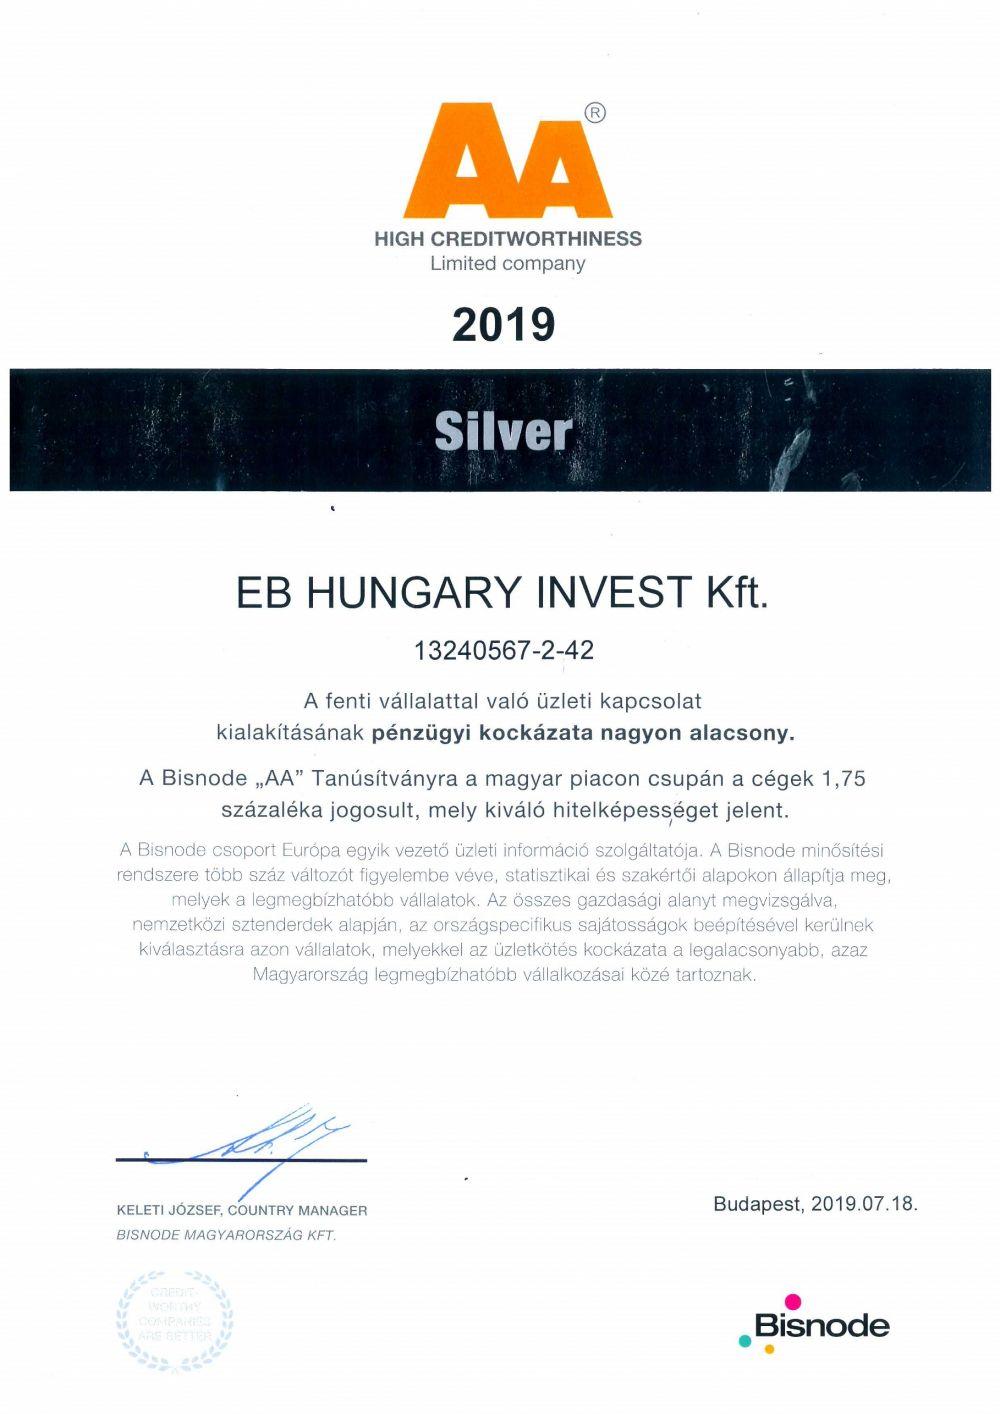 """Bisnode Tanúsítvány """"AA"""" Oklevél-EB HUNGARY INVEST Kft. 2019."""